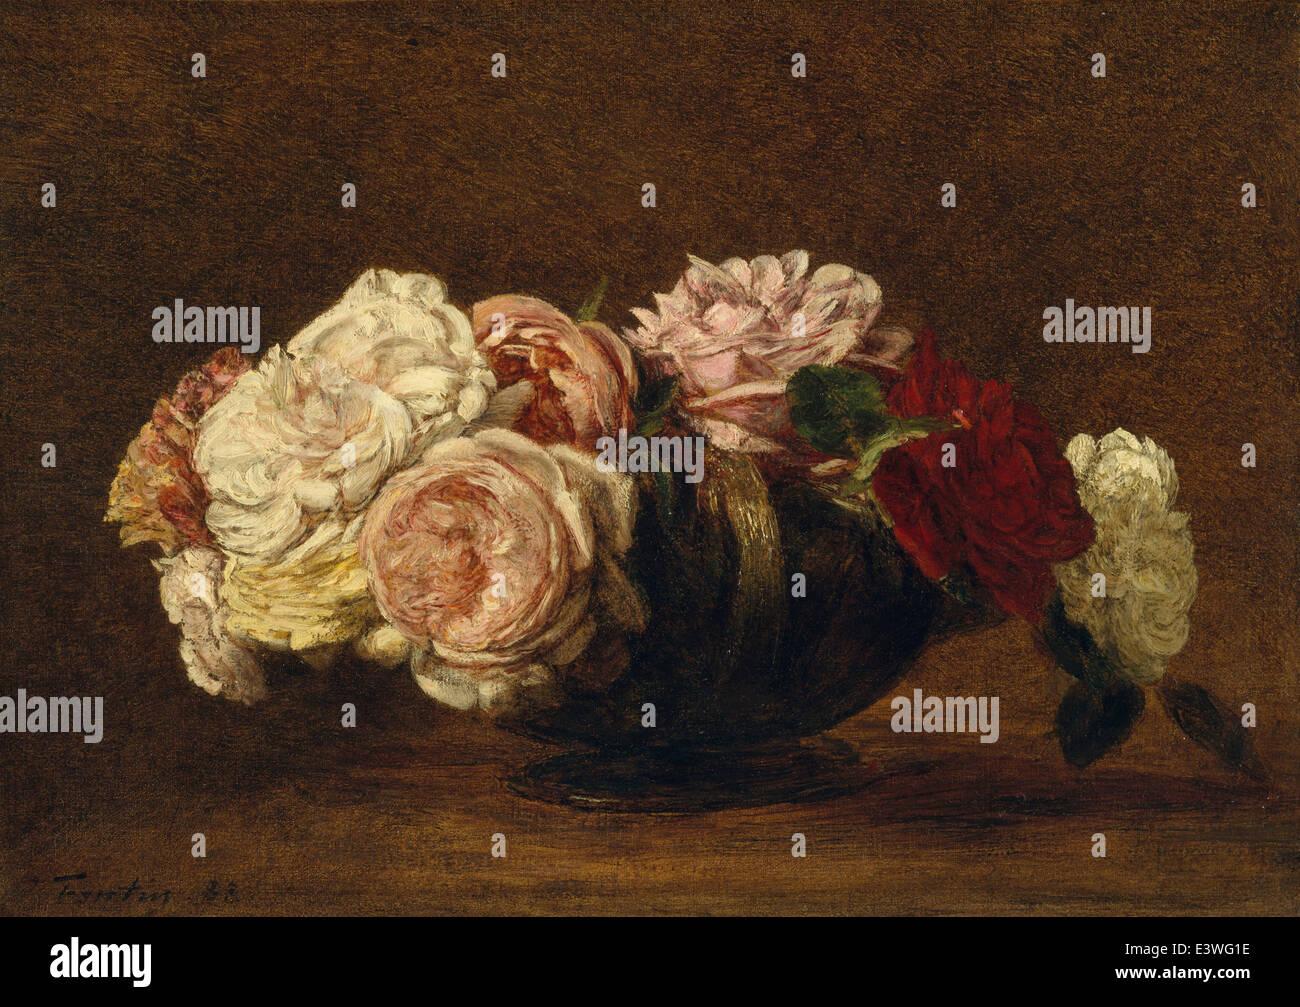 Henri Fantin-Latour - Roses in a Bowl - 1883 - MET Museum - New-York - Stock Image